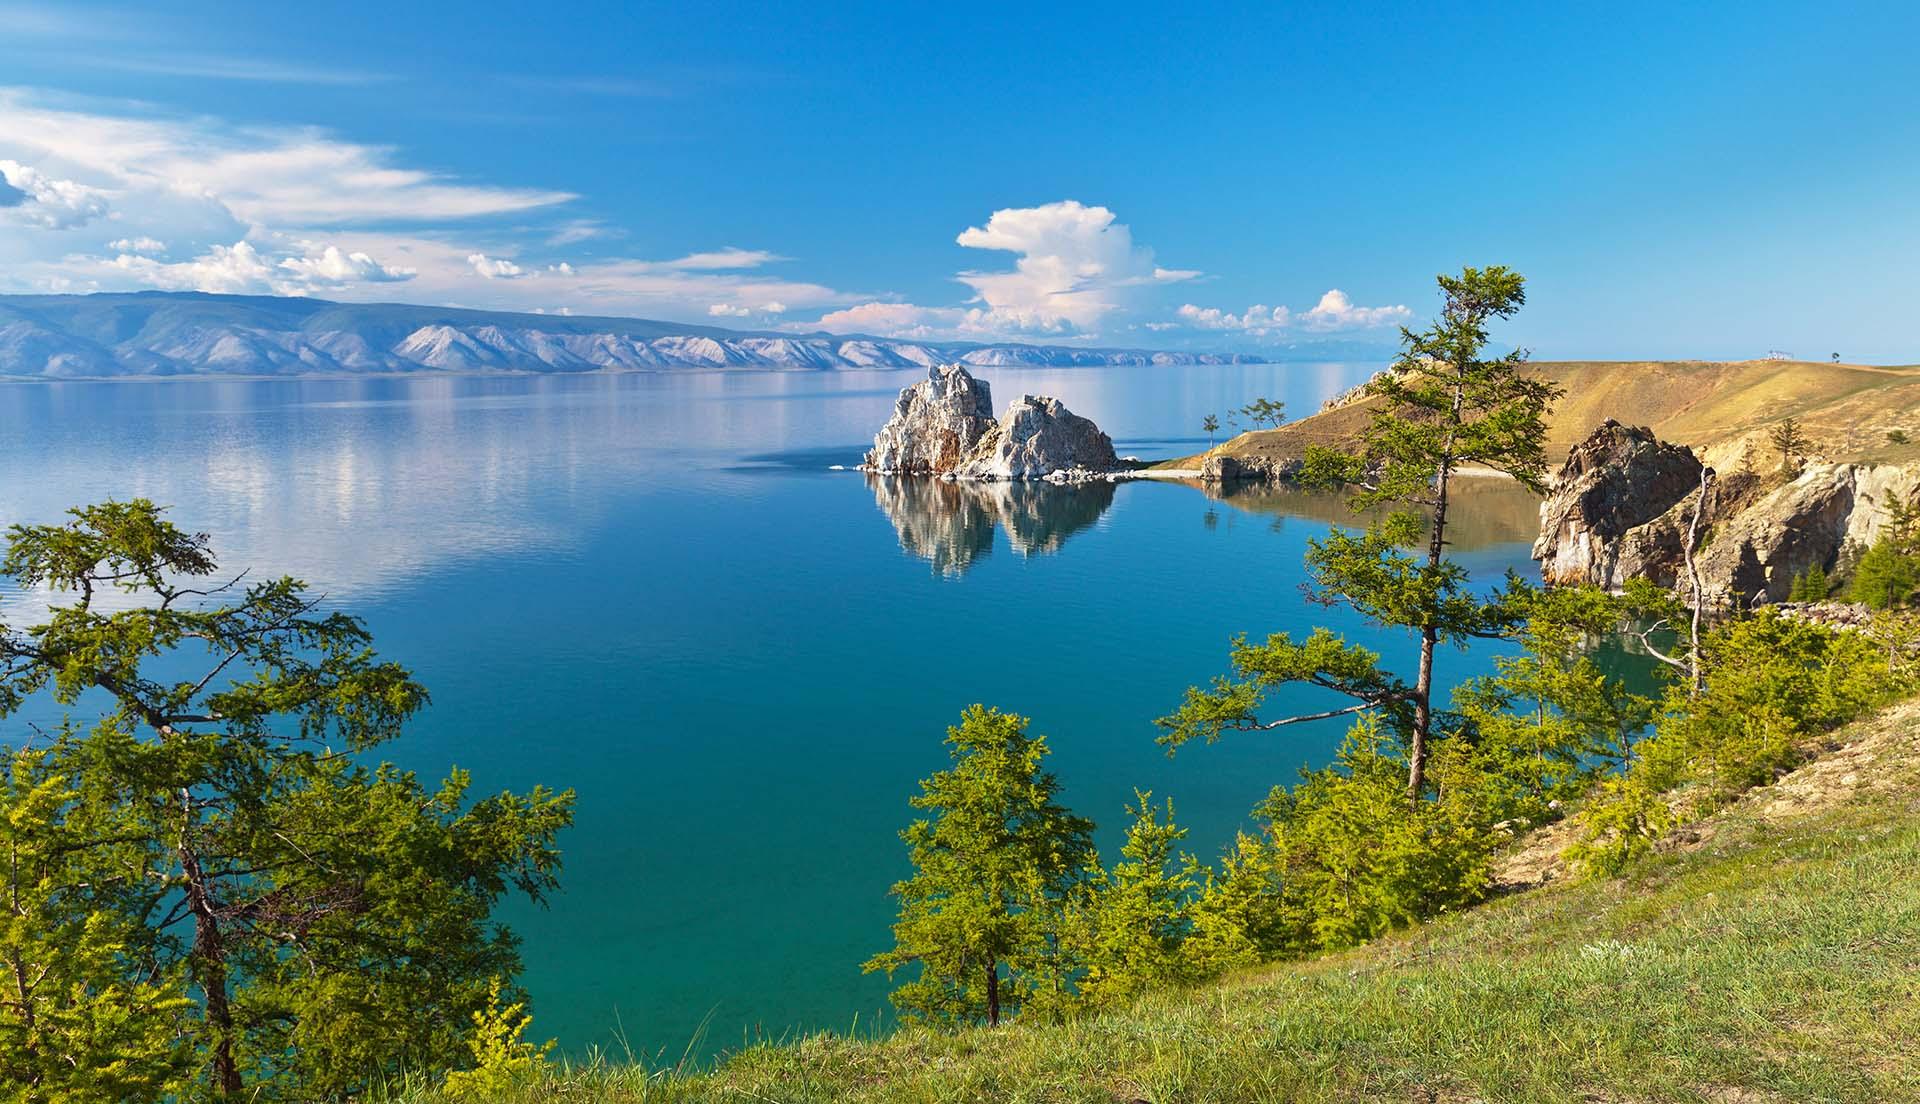 Otro enorme cuerpo de agua que posee récords es el lago Baikal en Rusia, que es el lago más grande y profundo del mundo. El lago Baikal no solo es el lago más profundo del mundo, sino también el lago de agua dulce más grande del mundo en términos de volumen. De hecho, el lago Baikal constituye el 20% del agua dulce del mundo